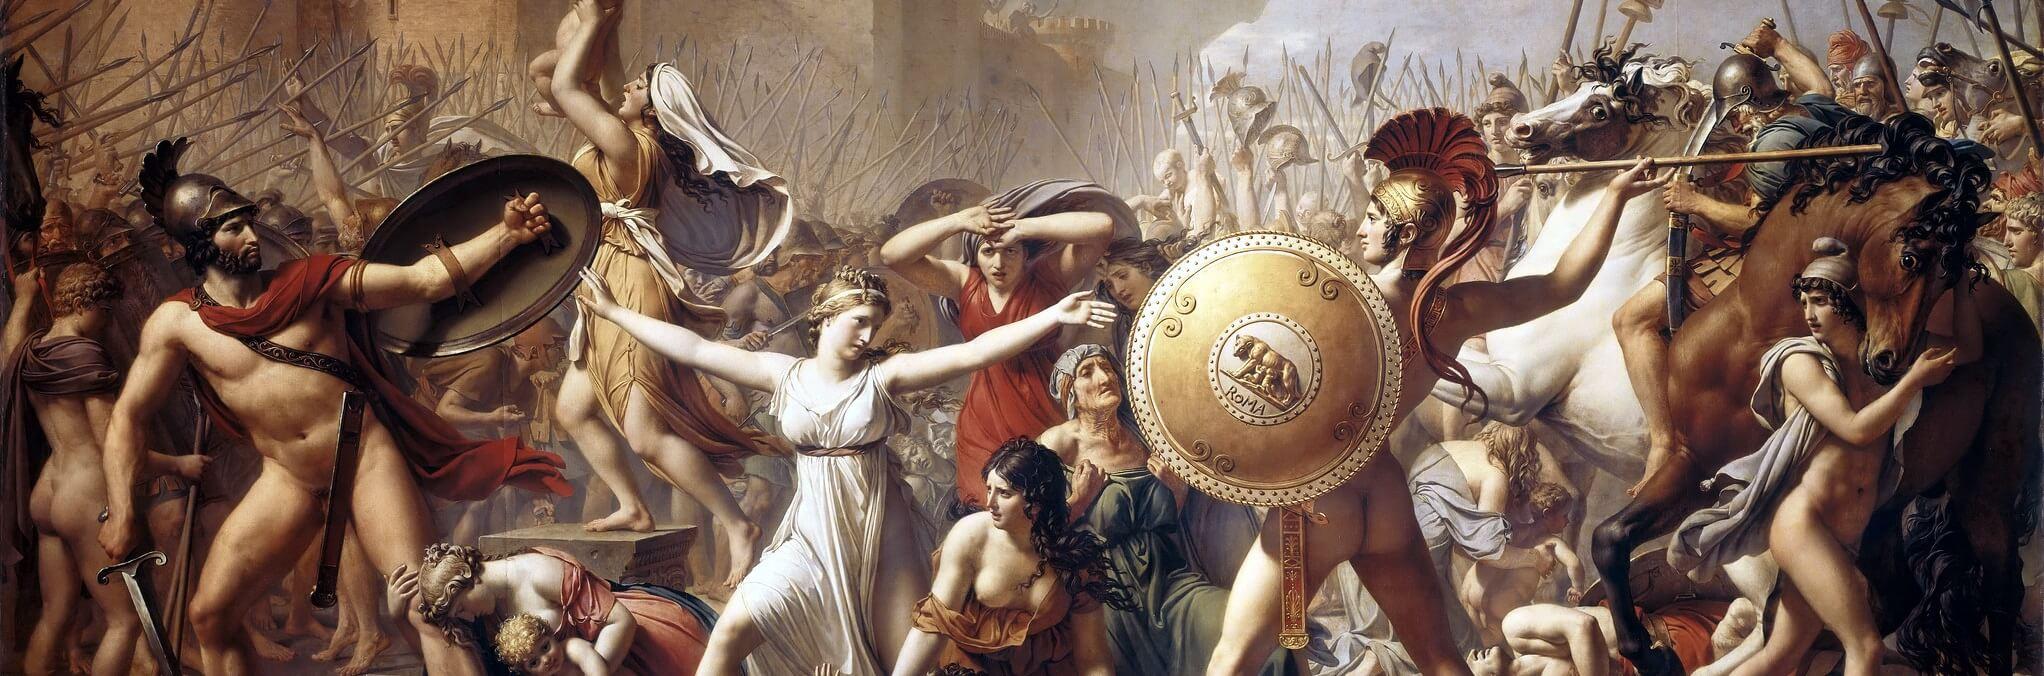 Künstler - Jacques-Louis David